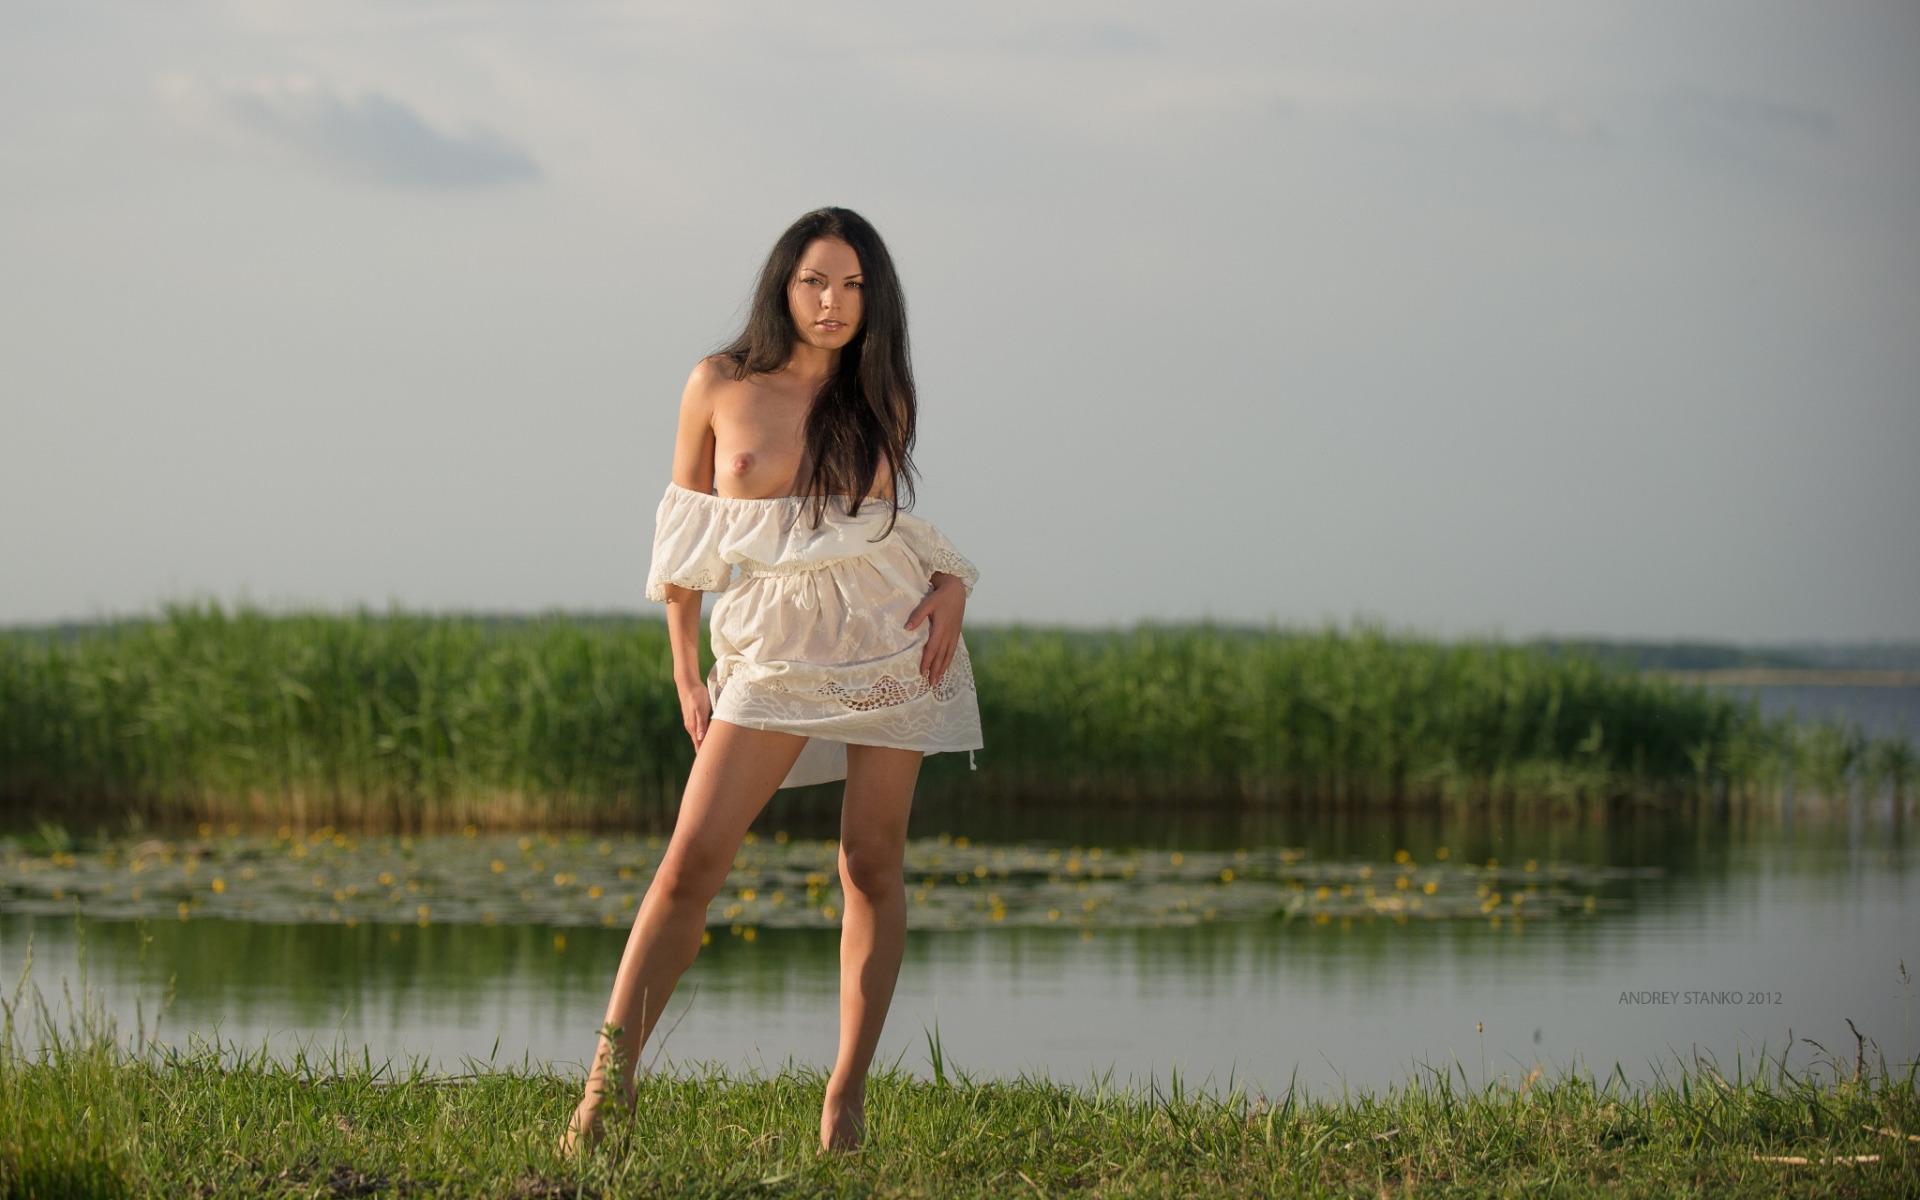 Эротика от искушенной девушки на речке  587172